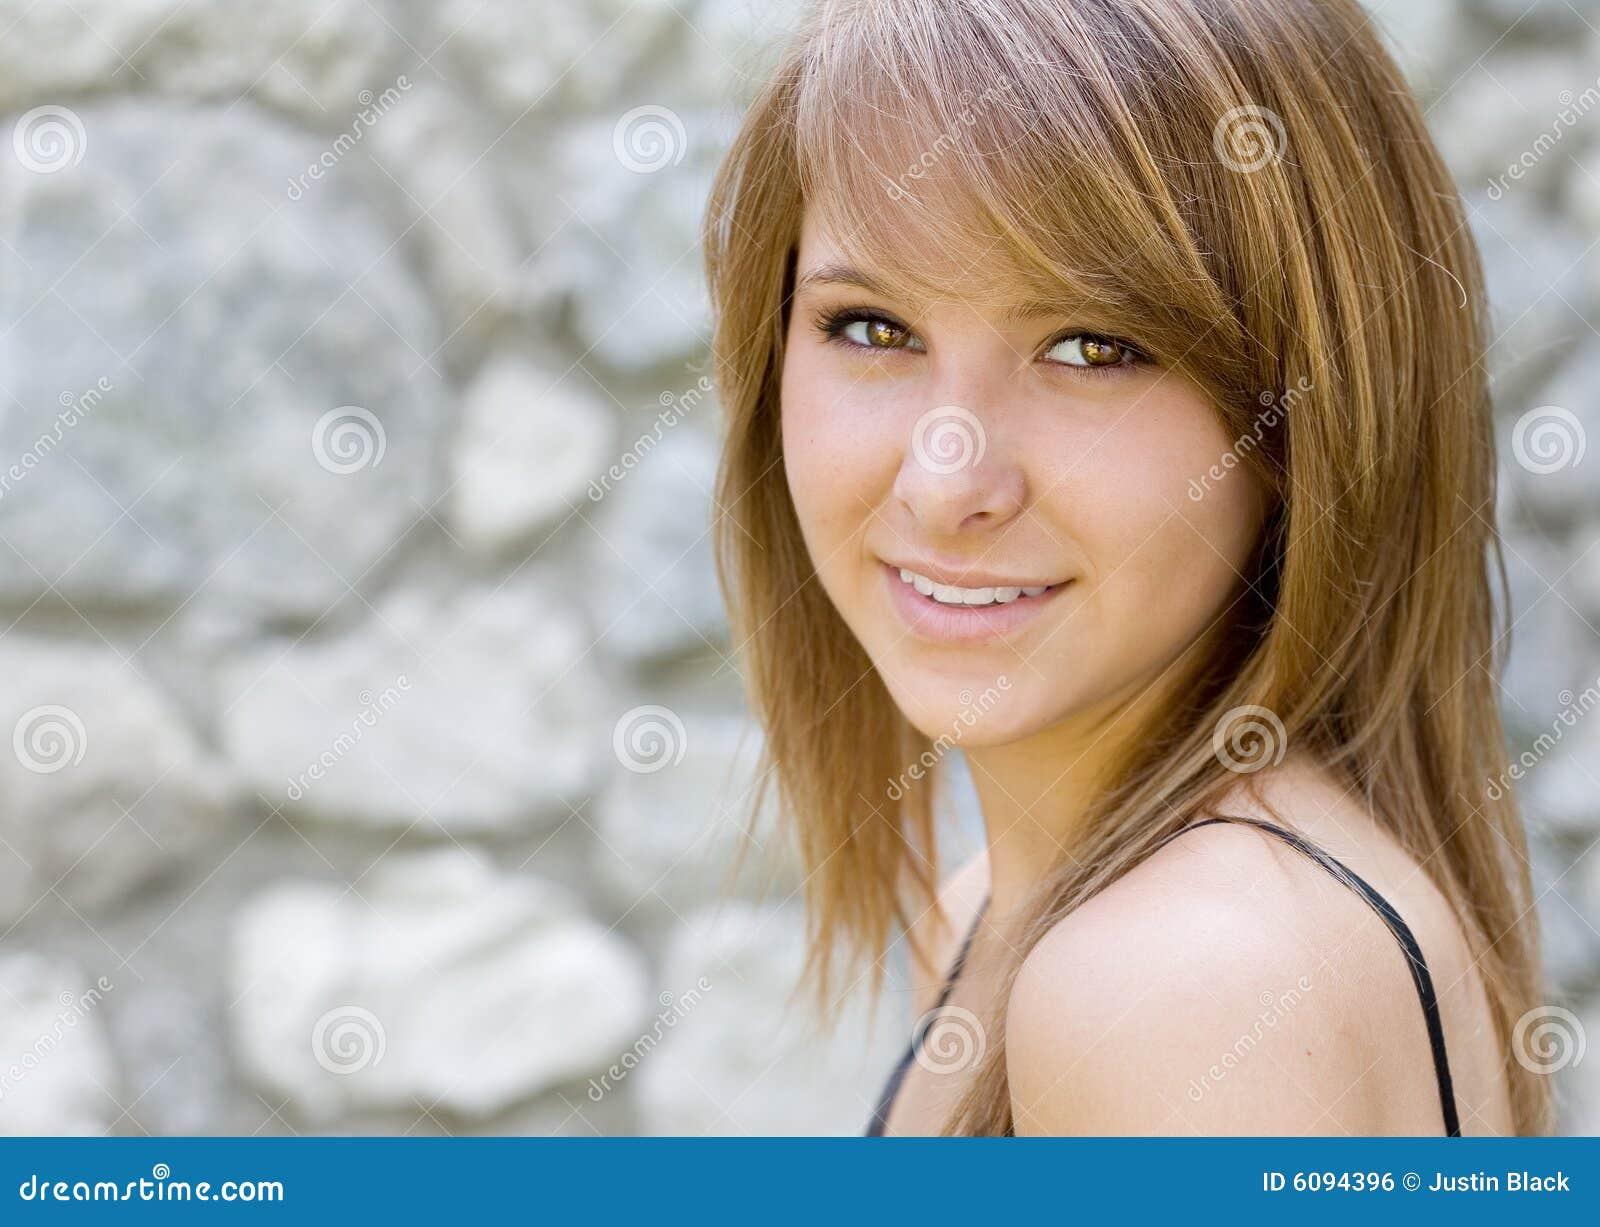 Portrait eines schönen Lächelns der jungen Frau